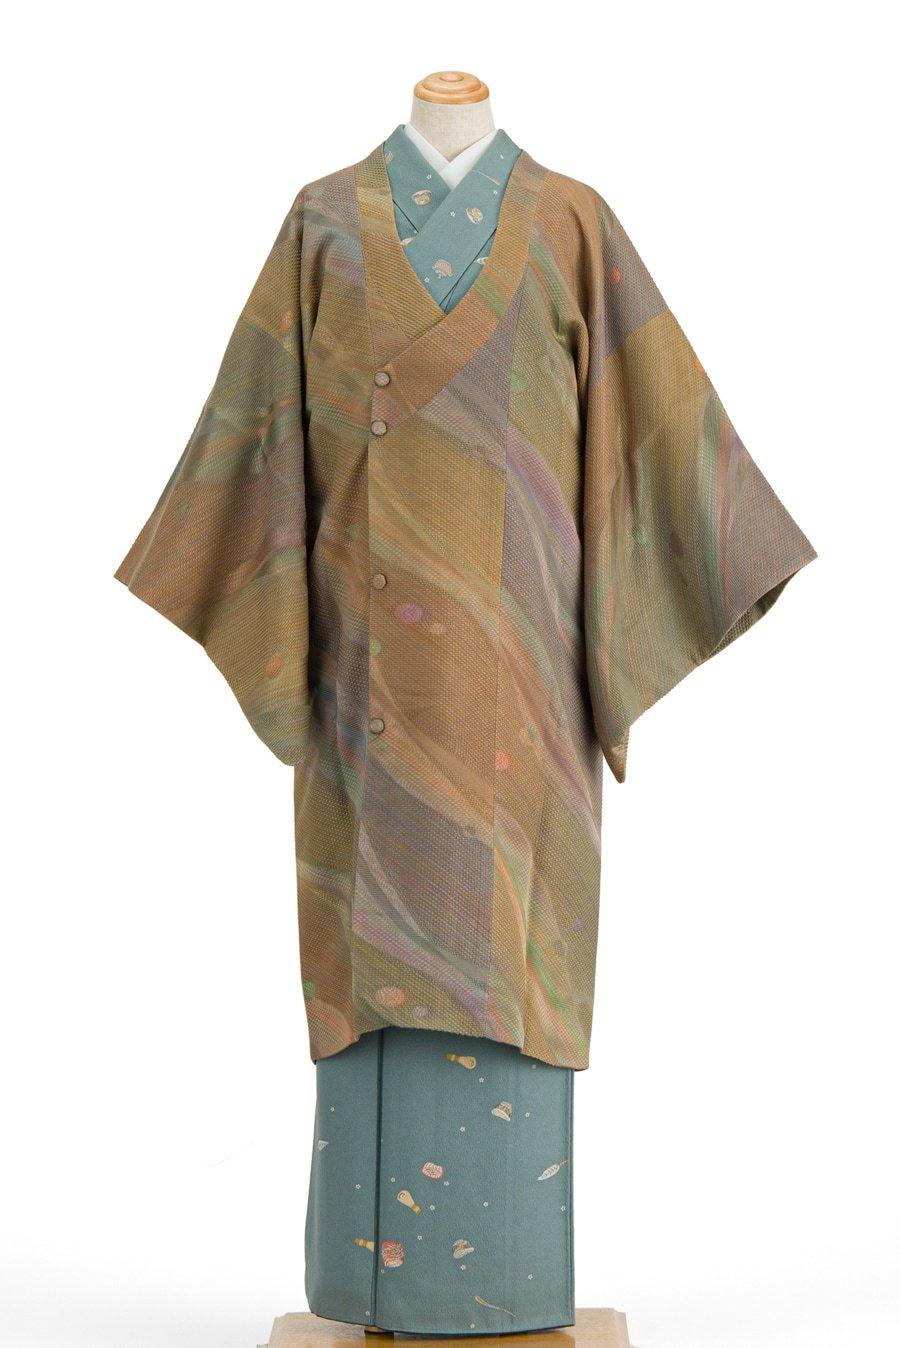 「岩浅公展 変わり織りロングコート 」の商品画像